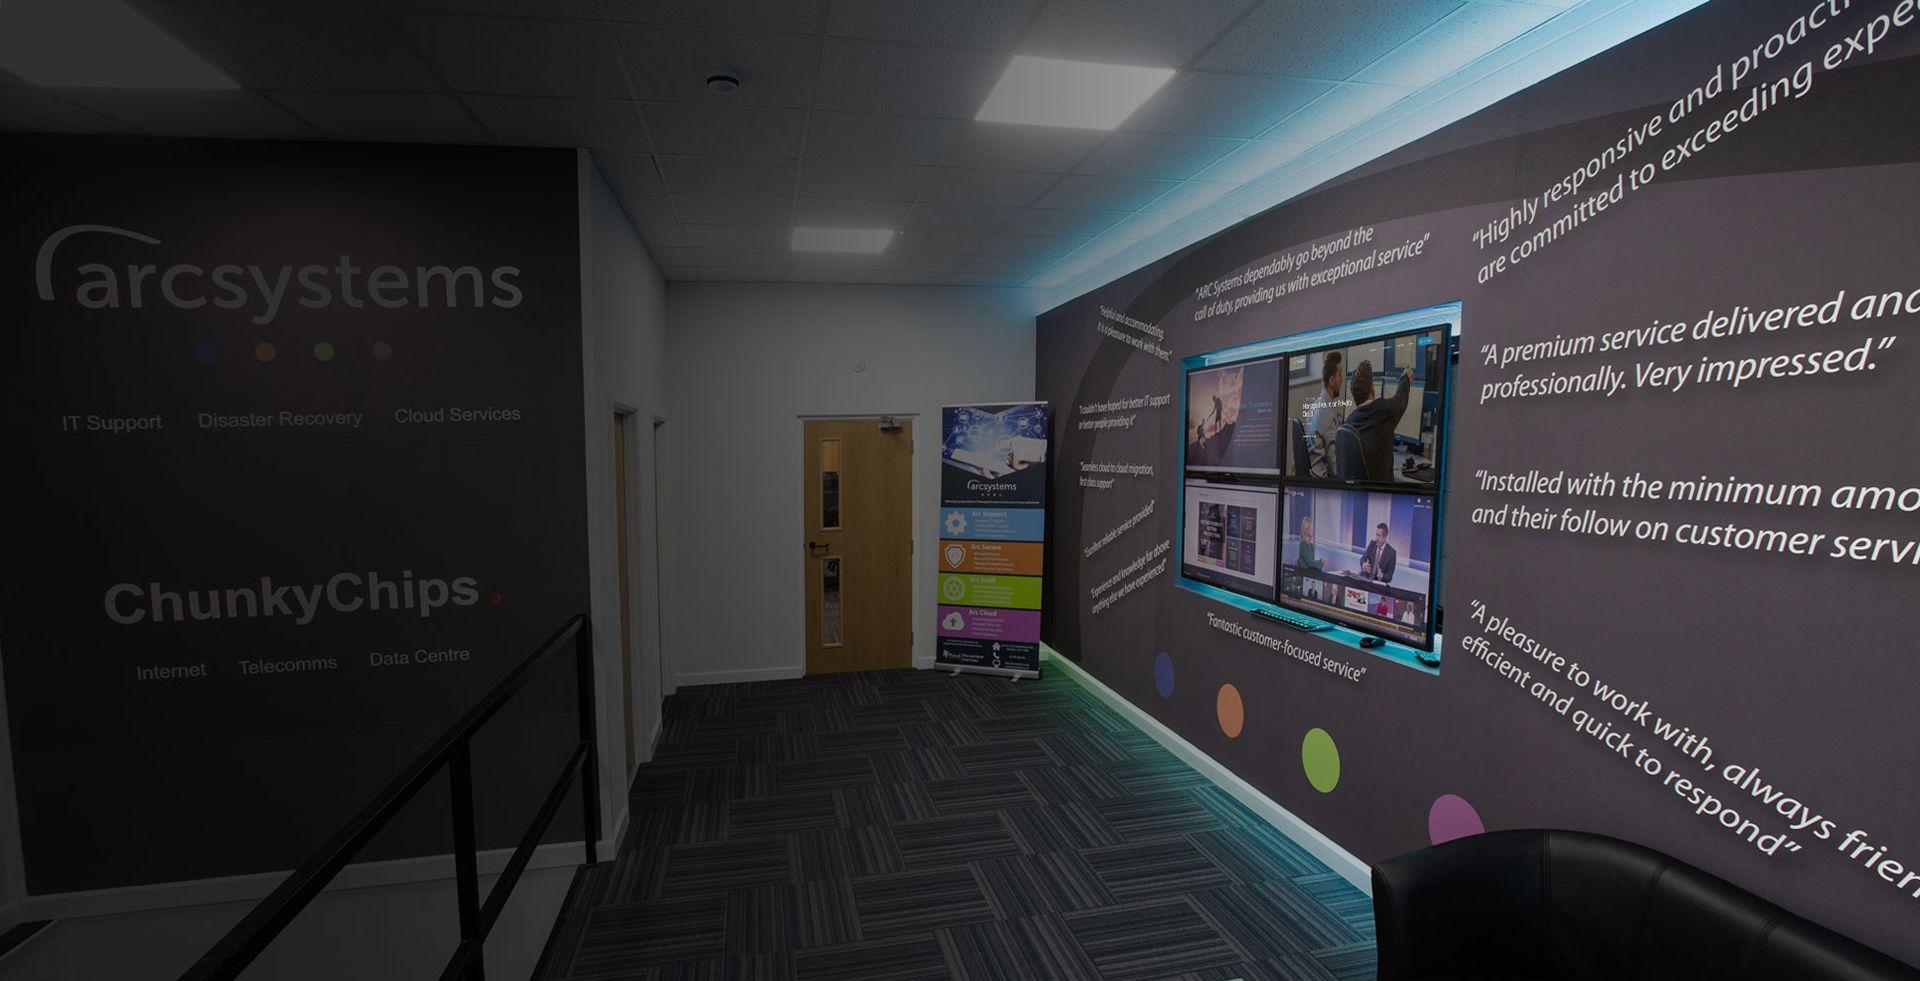 Arc systems presentation display